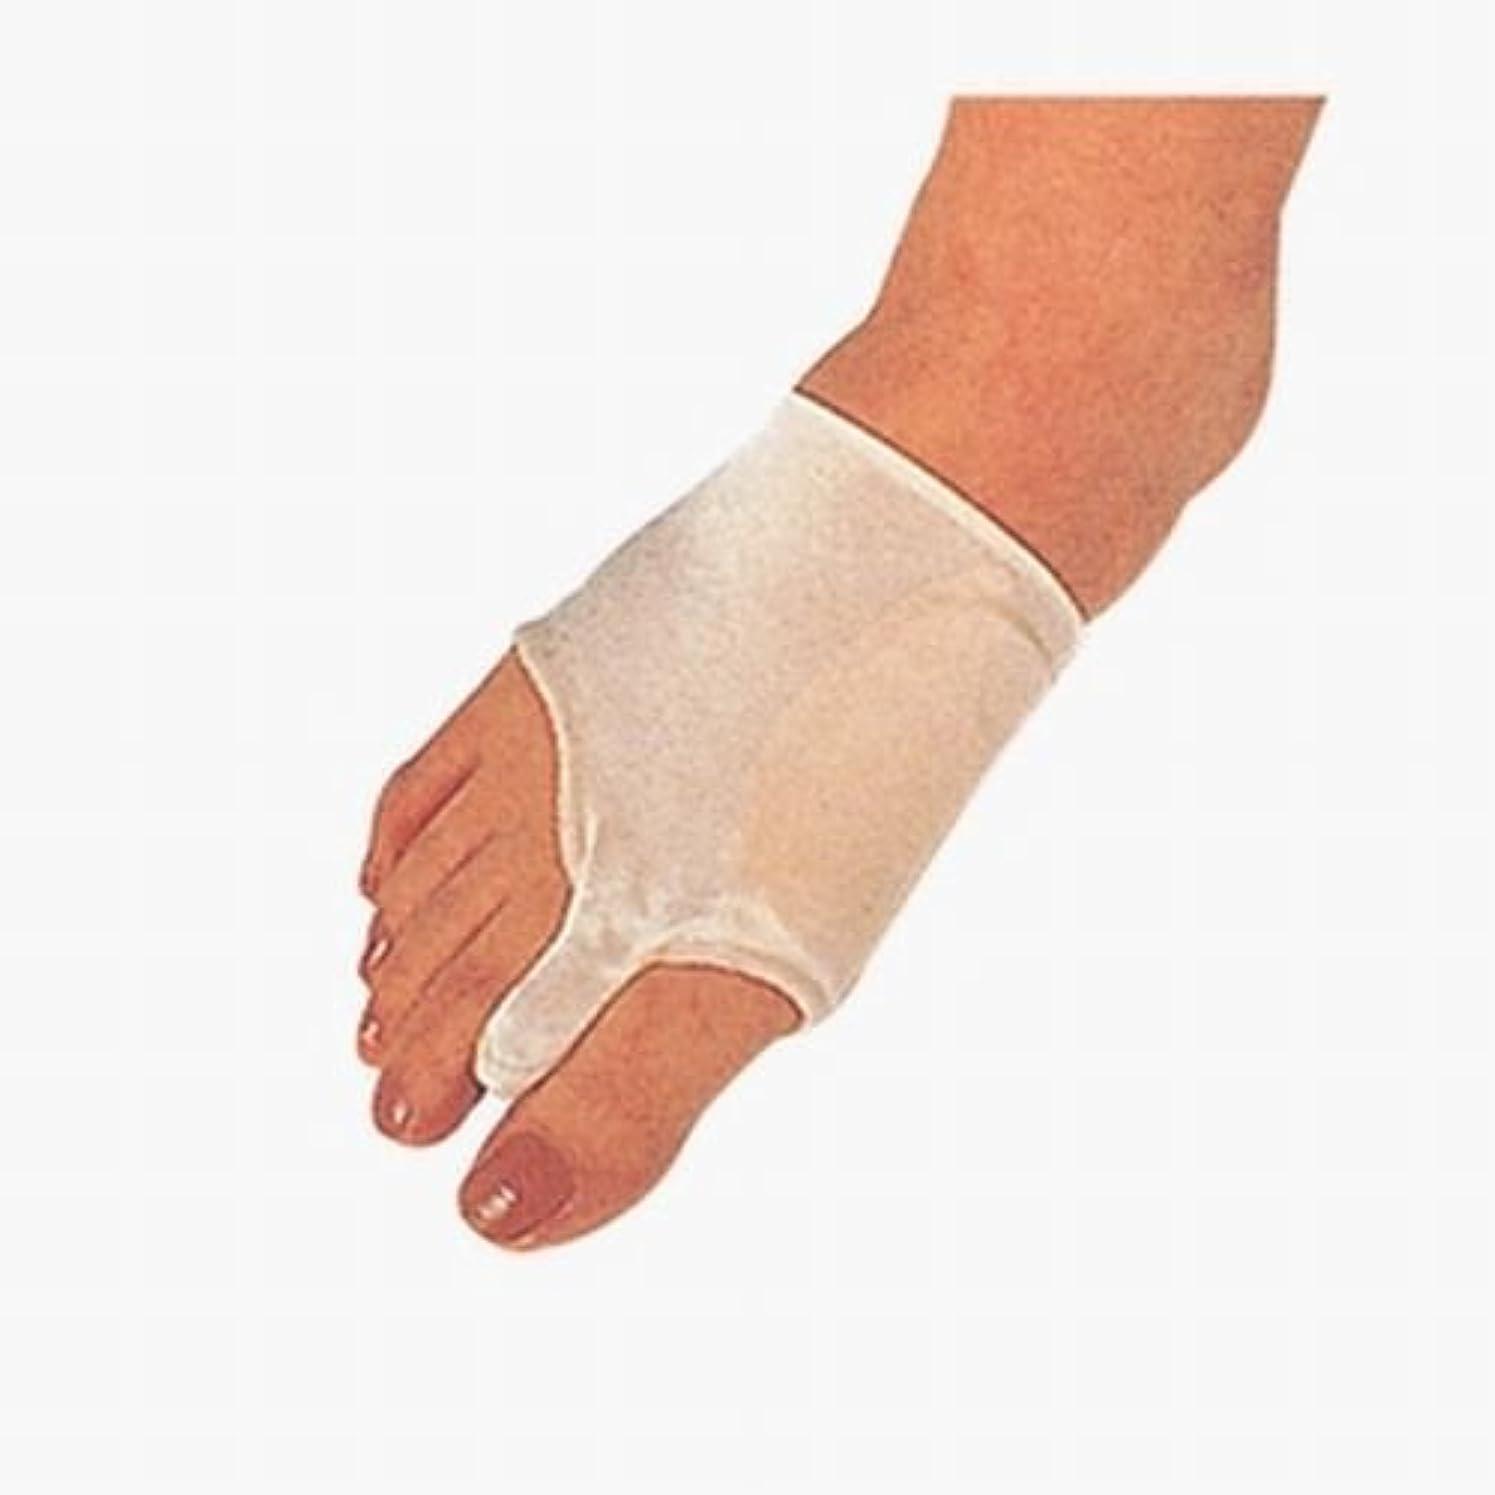 忌まわしいフィドル例示するSORBO(ソルボ) ソルボ外反母趾サポーター薄型(片方入り/右足用)